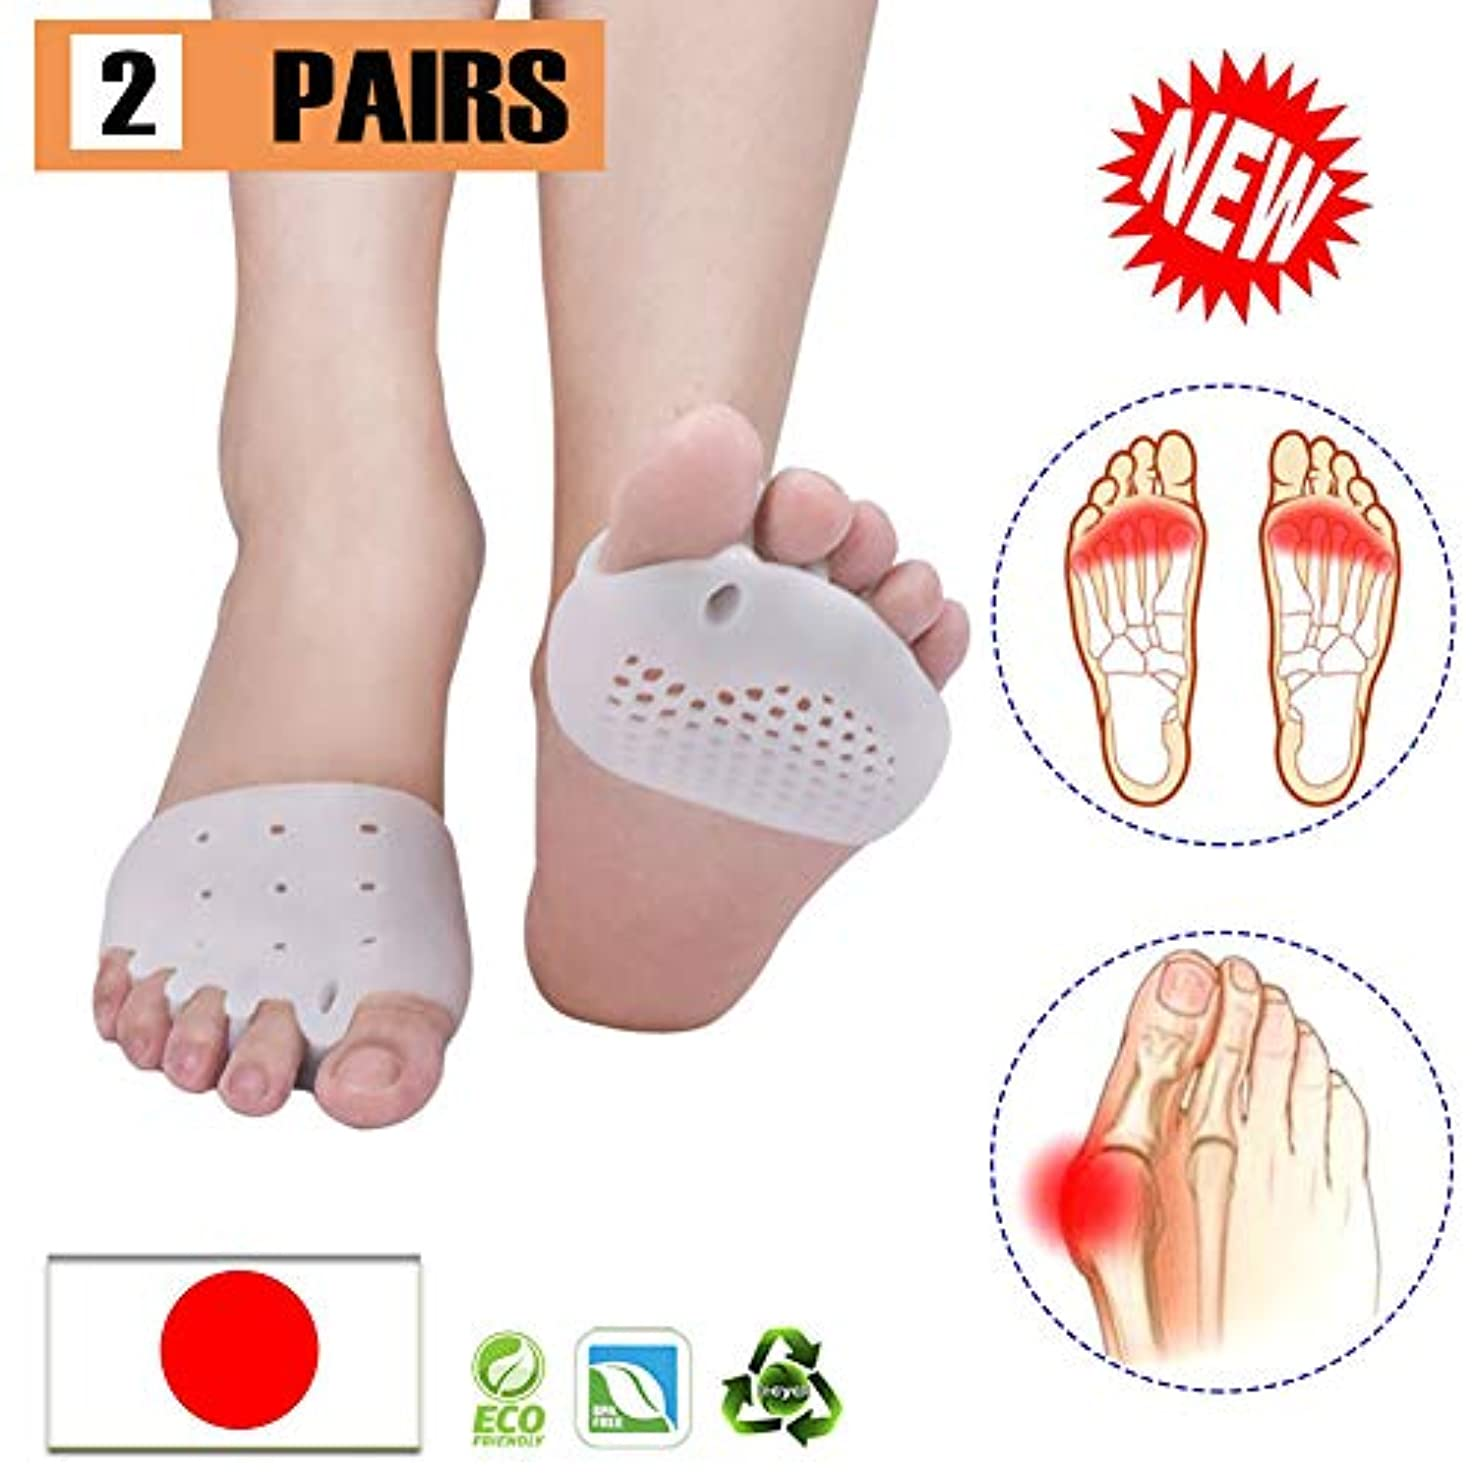 であること考える息を切らしてPnrskter足裏保護パッド 中足前足パッド 通気性 柔らかい ジェル 糖尿病の足に最適 カルス 水疱 前足痛 男性のための両方の足に使用することができます (白(4ピース))